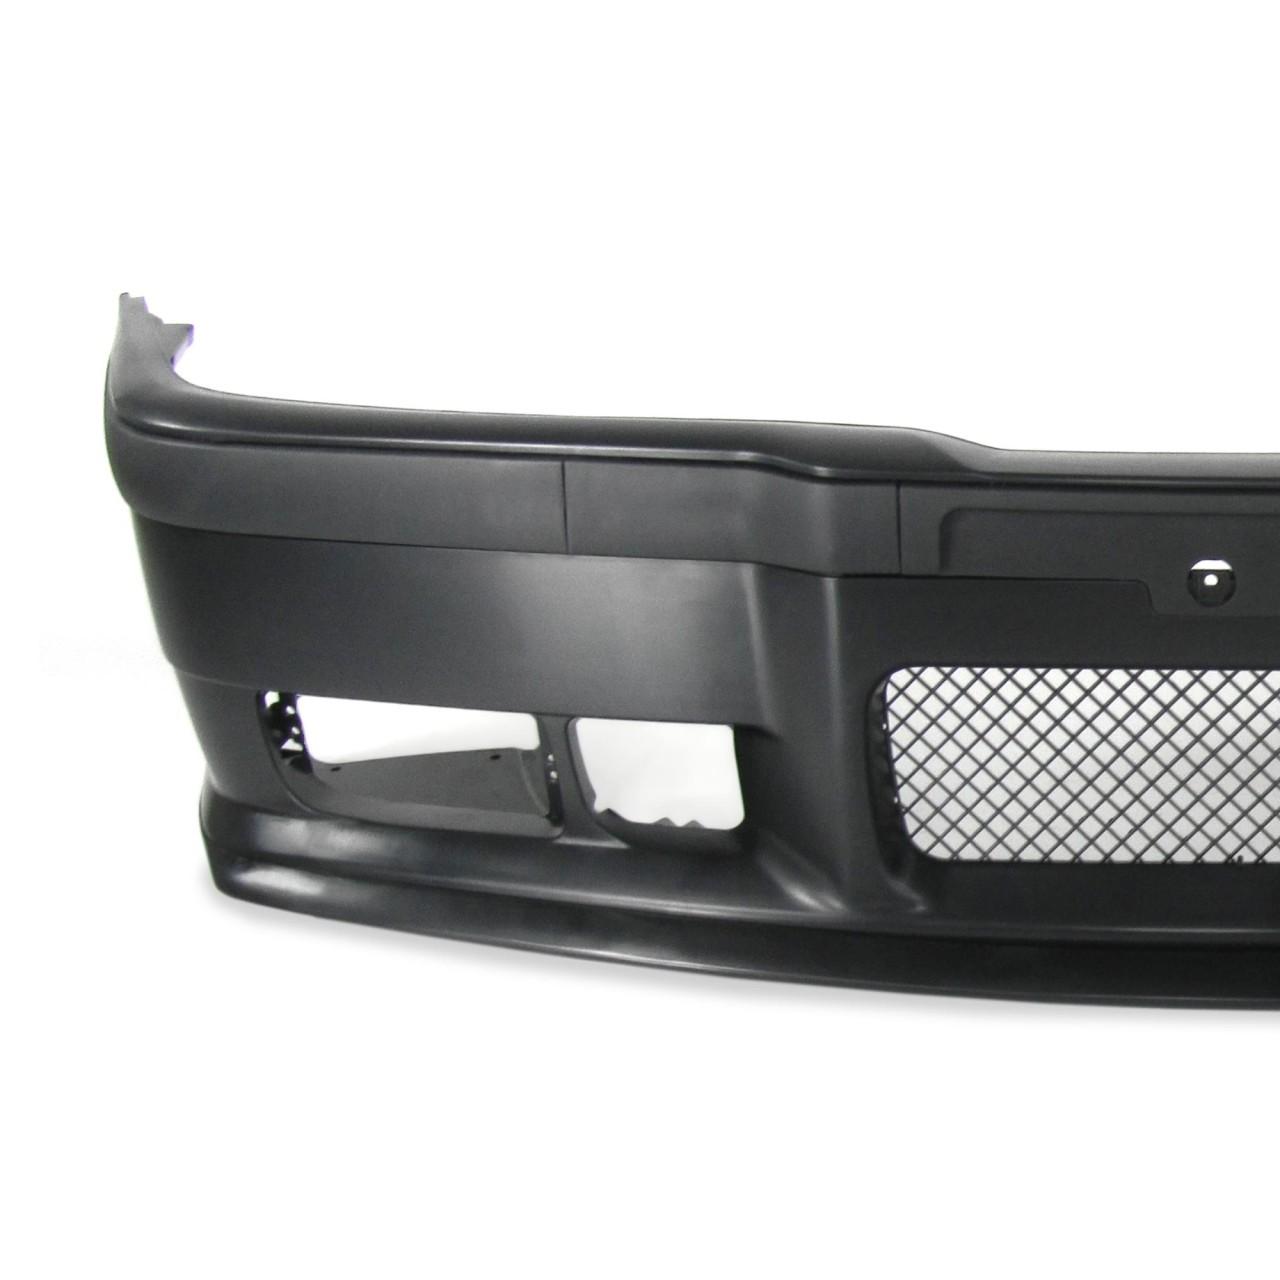 Bara fata BMW E36 model M3 cu lip detasabil